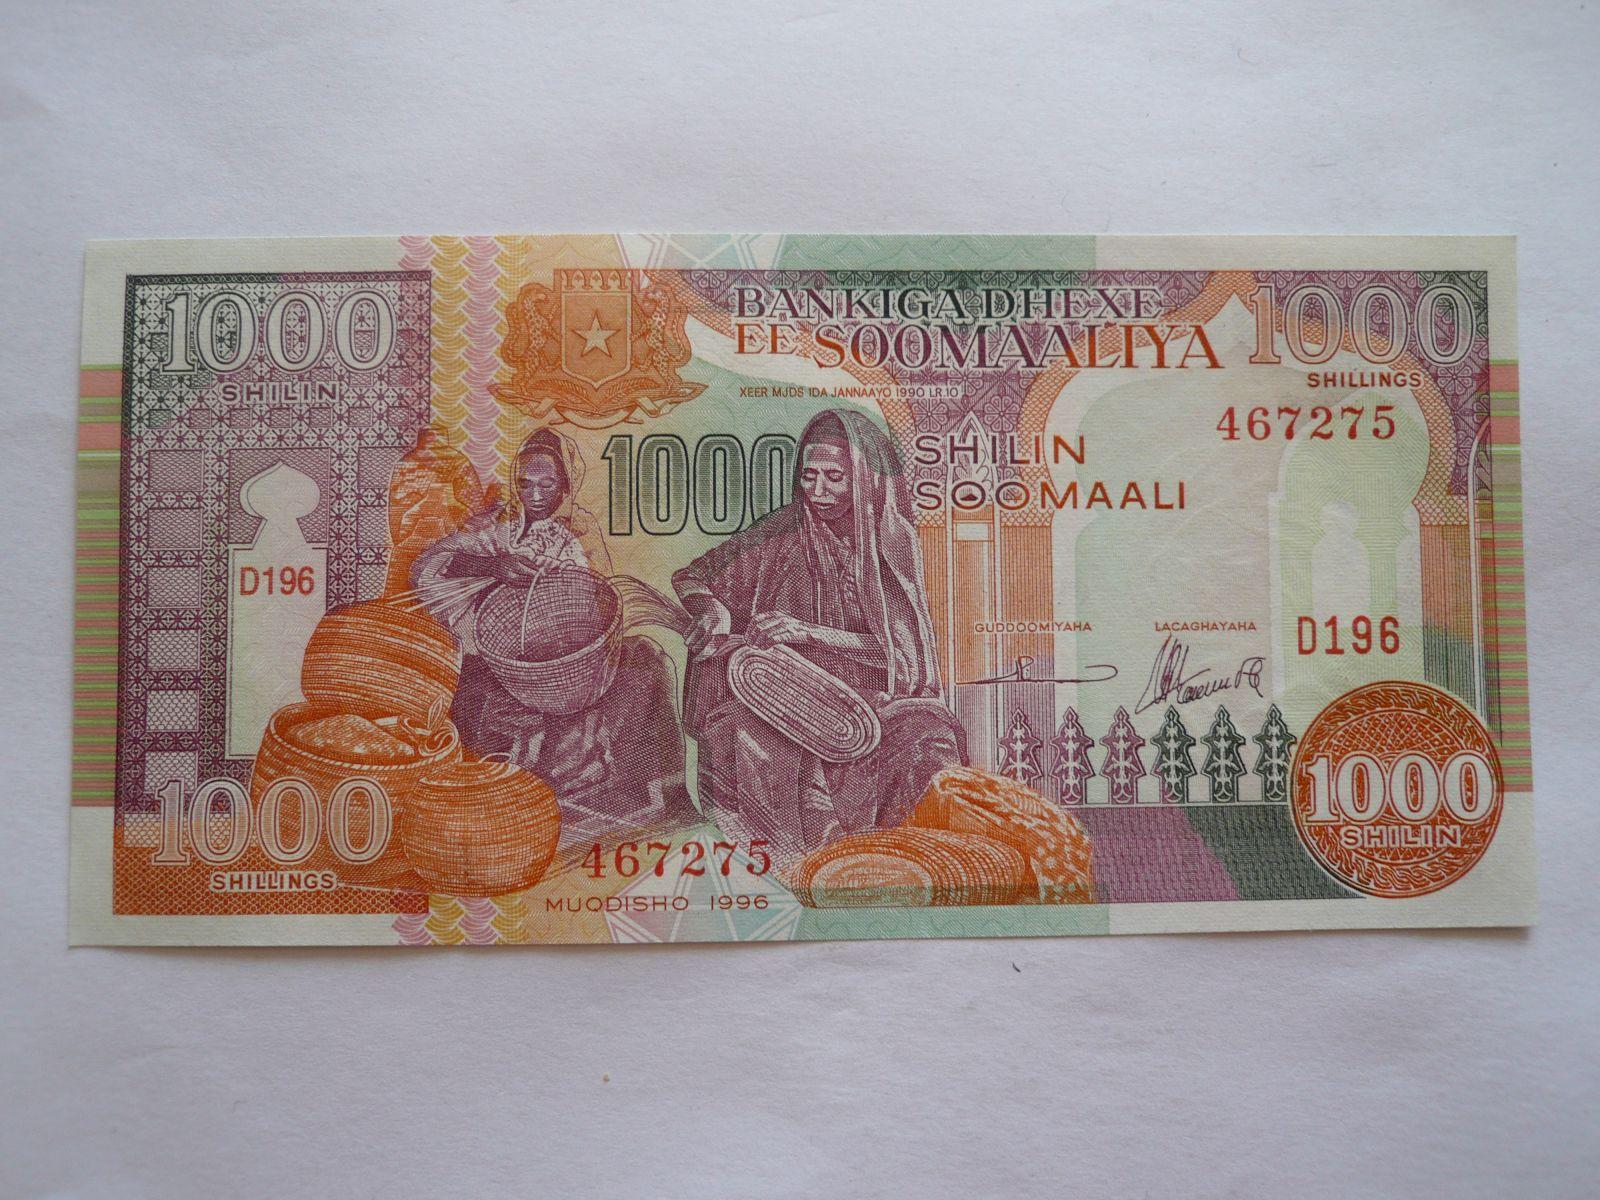 1000 Schillings, 1996 Somálsko